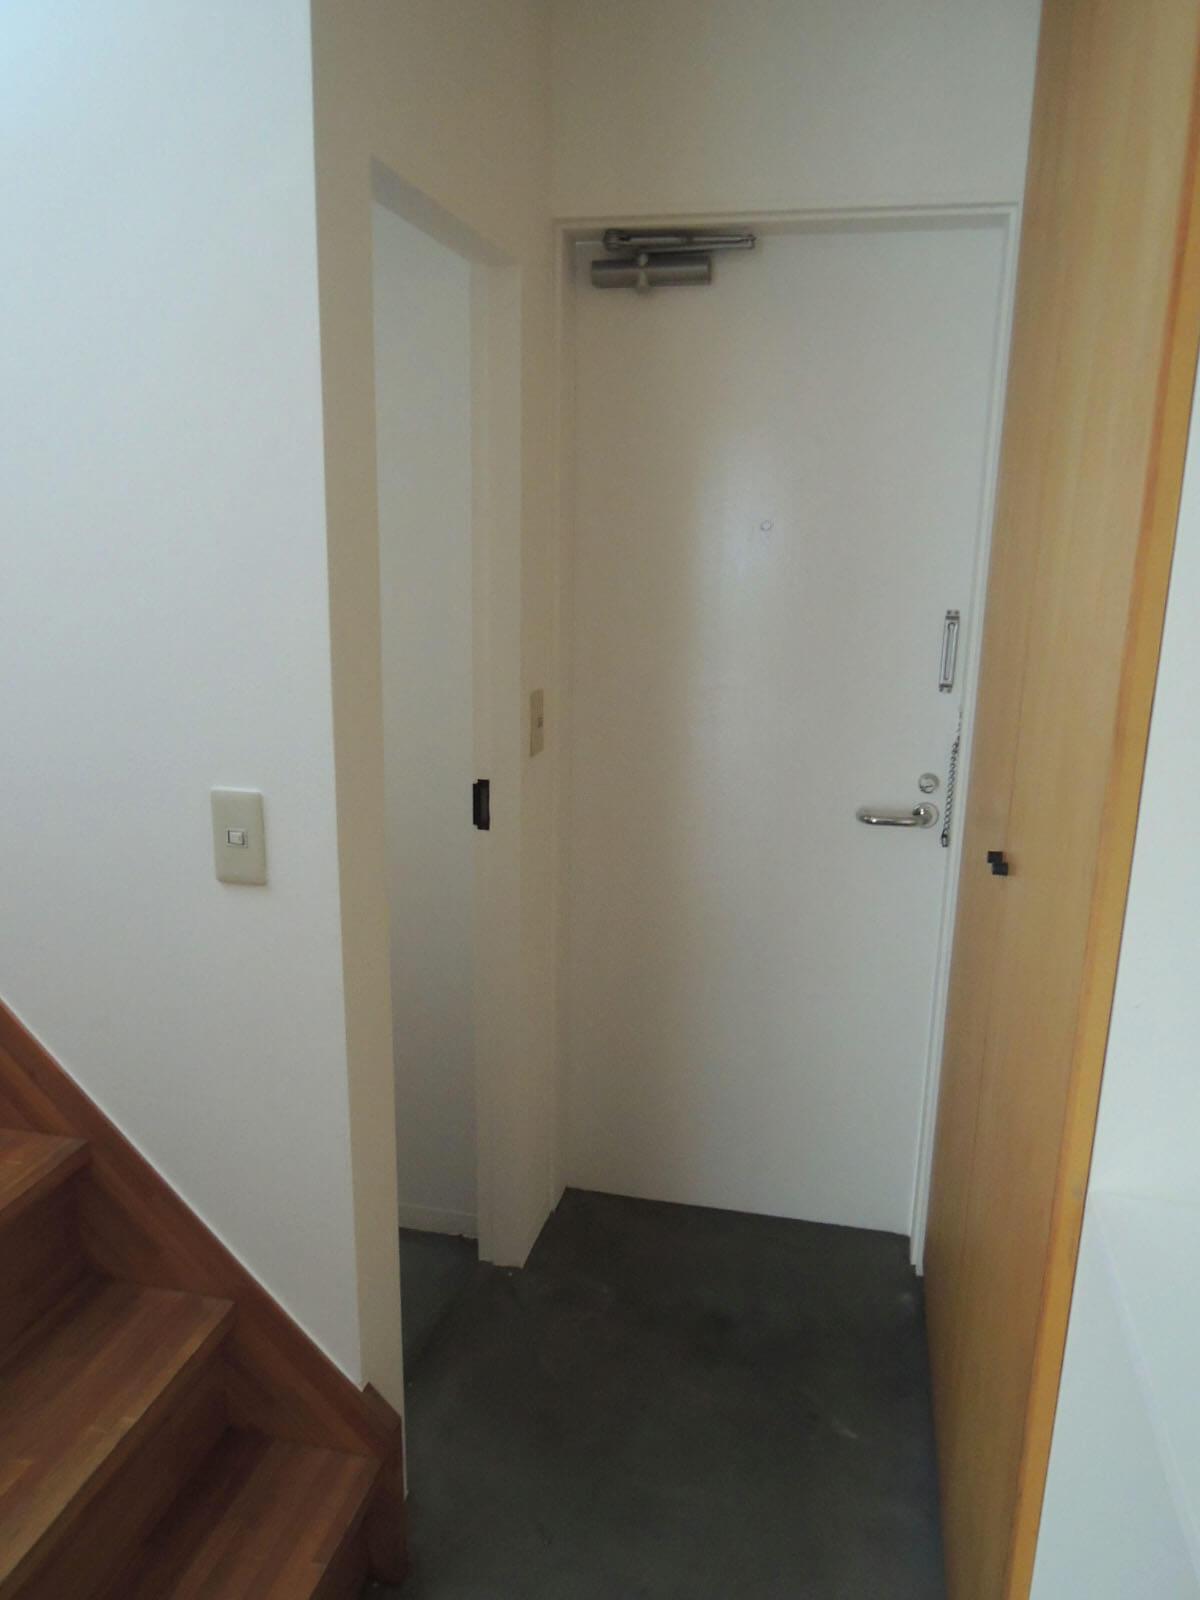 寝室から玄関へ。階段とトイレが左手に並ぶ。